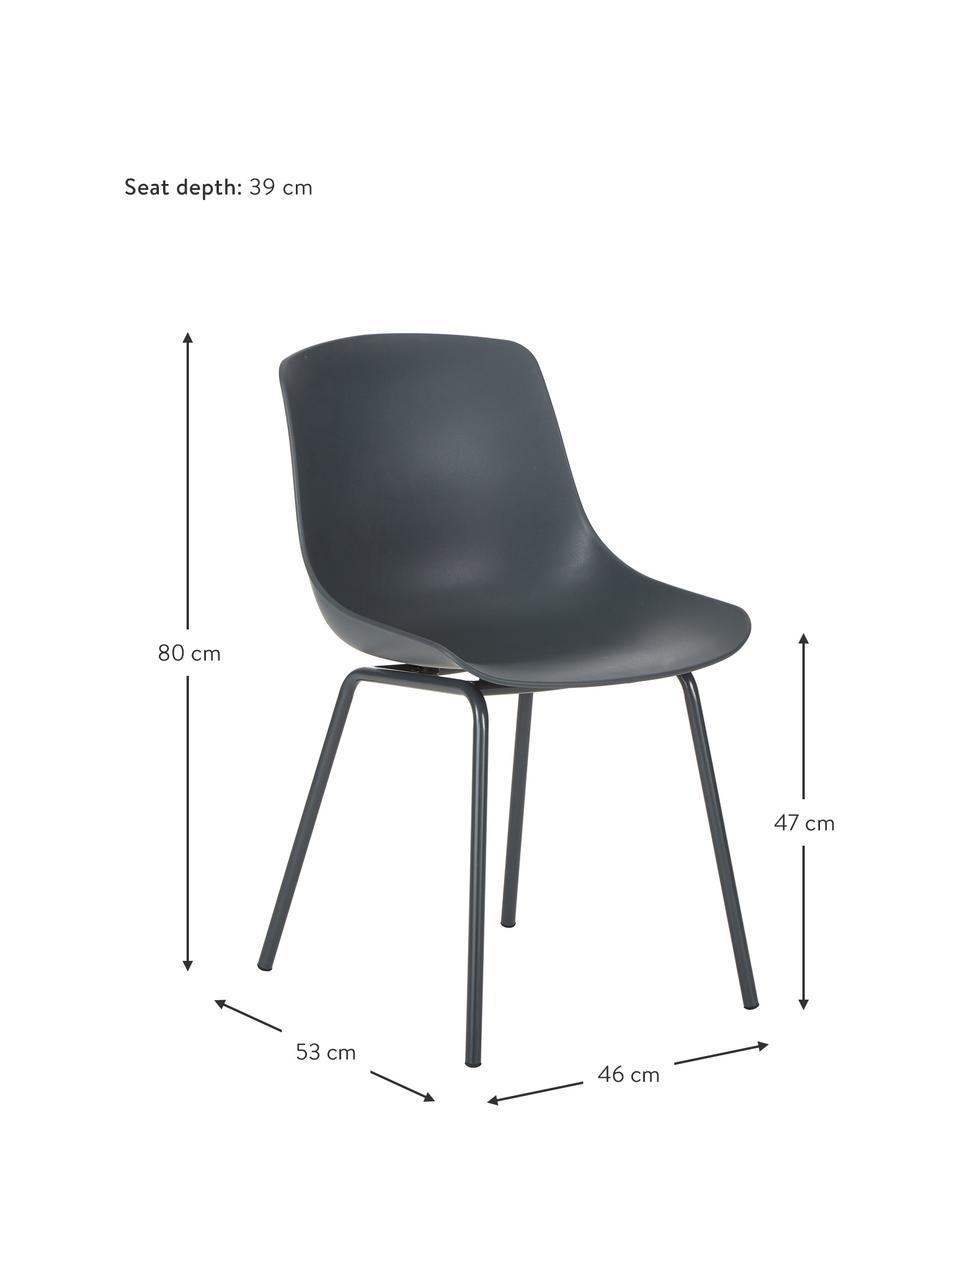 Kunststoffstühle Dave mit Metallbeinen in Dunkelgrau, 2 Stück, Sitzfläche: Kunststoff, Beine: Metall, pulverbeschichtet, Dunkelgrau, B 46 x T 53 cm